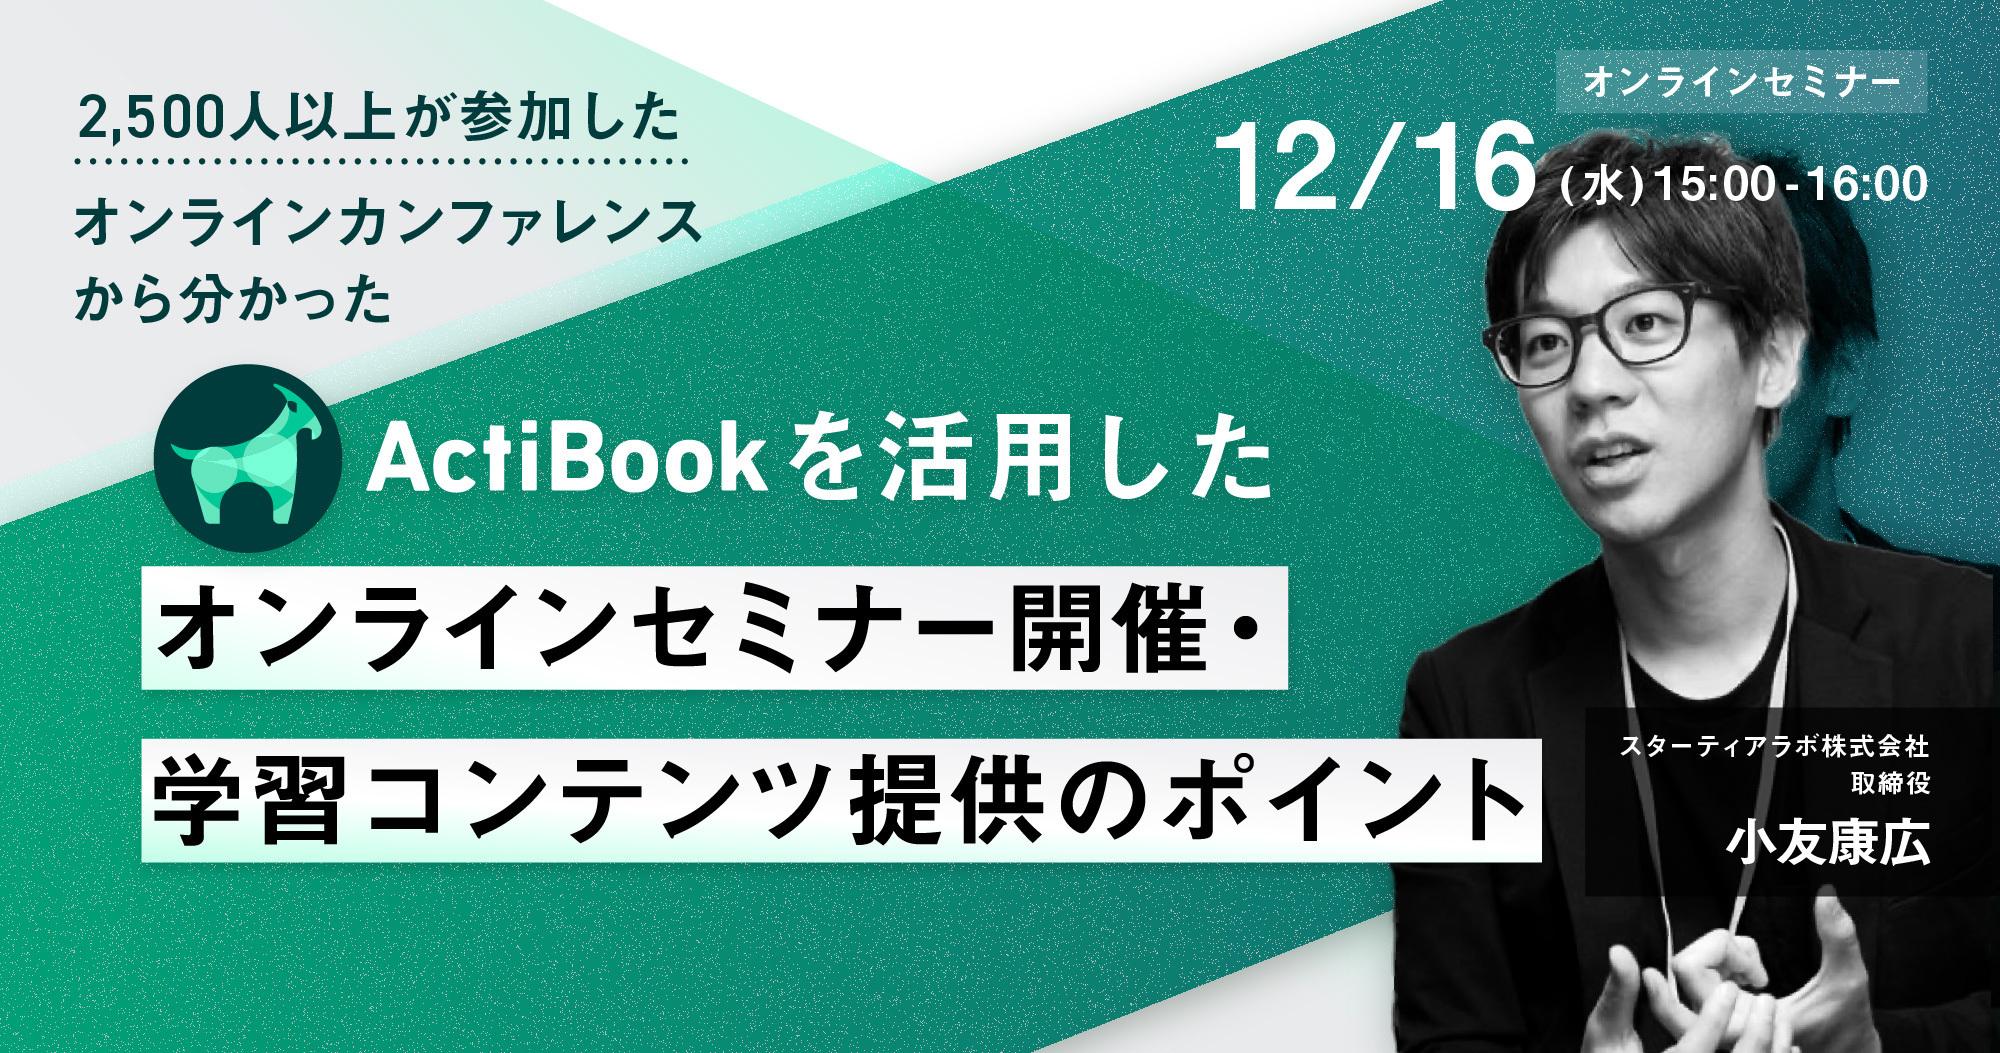 【12月16日(水)】2,500人以上が参加したオンラインカンファレンスから分かった ActiBookを活用したオンラインセミナー開催・学習コンテンツ提供のポイント